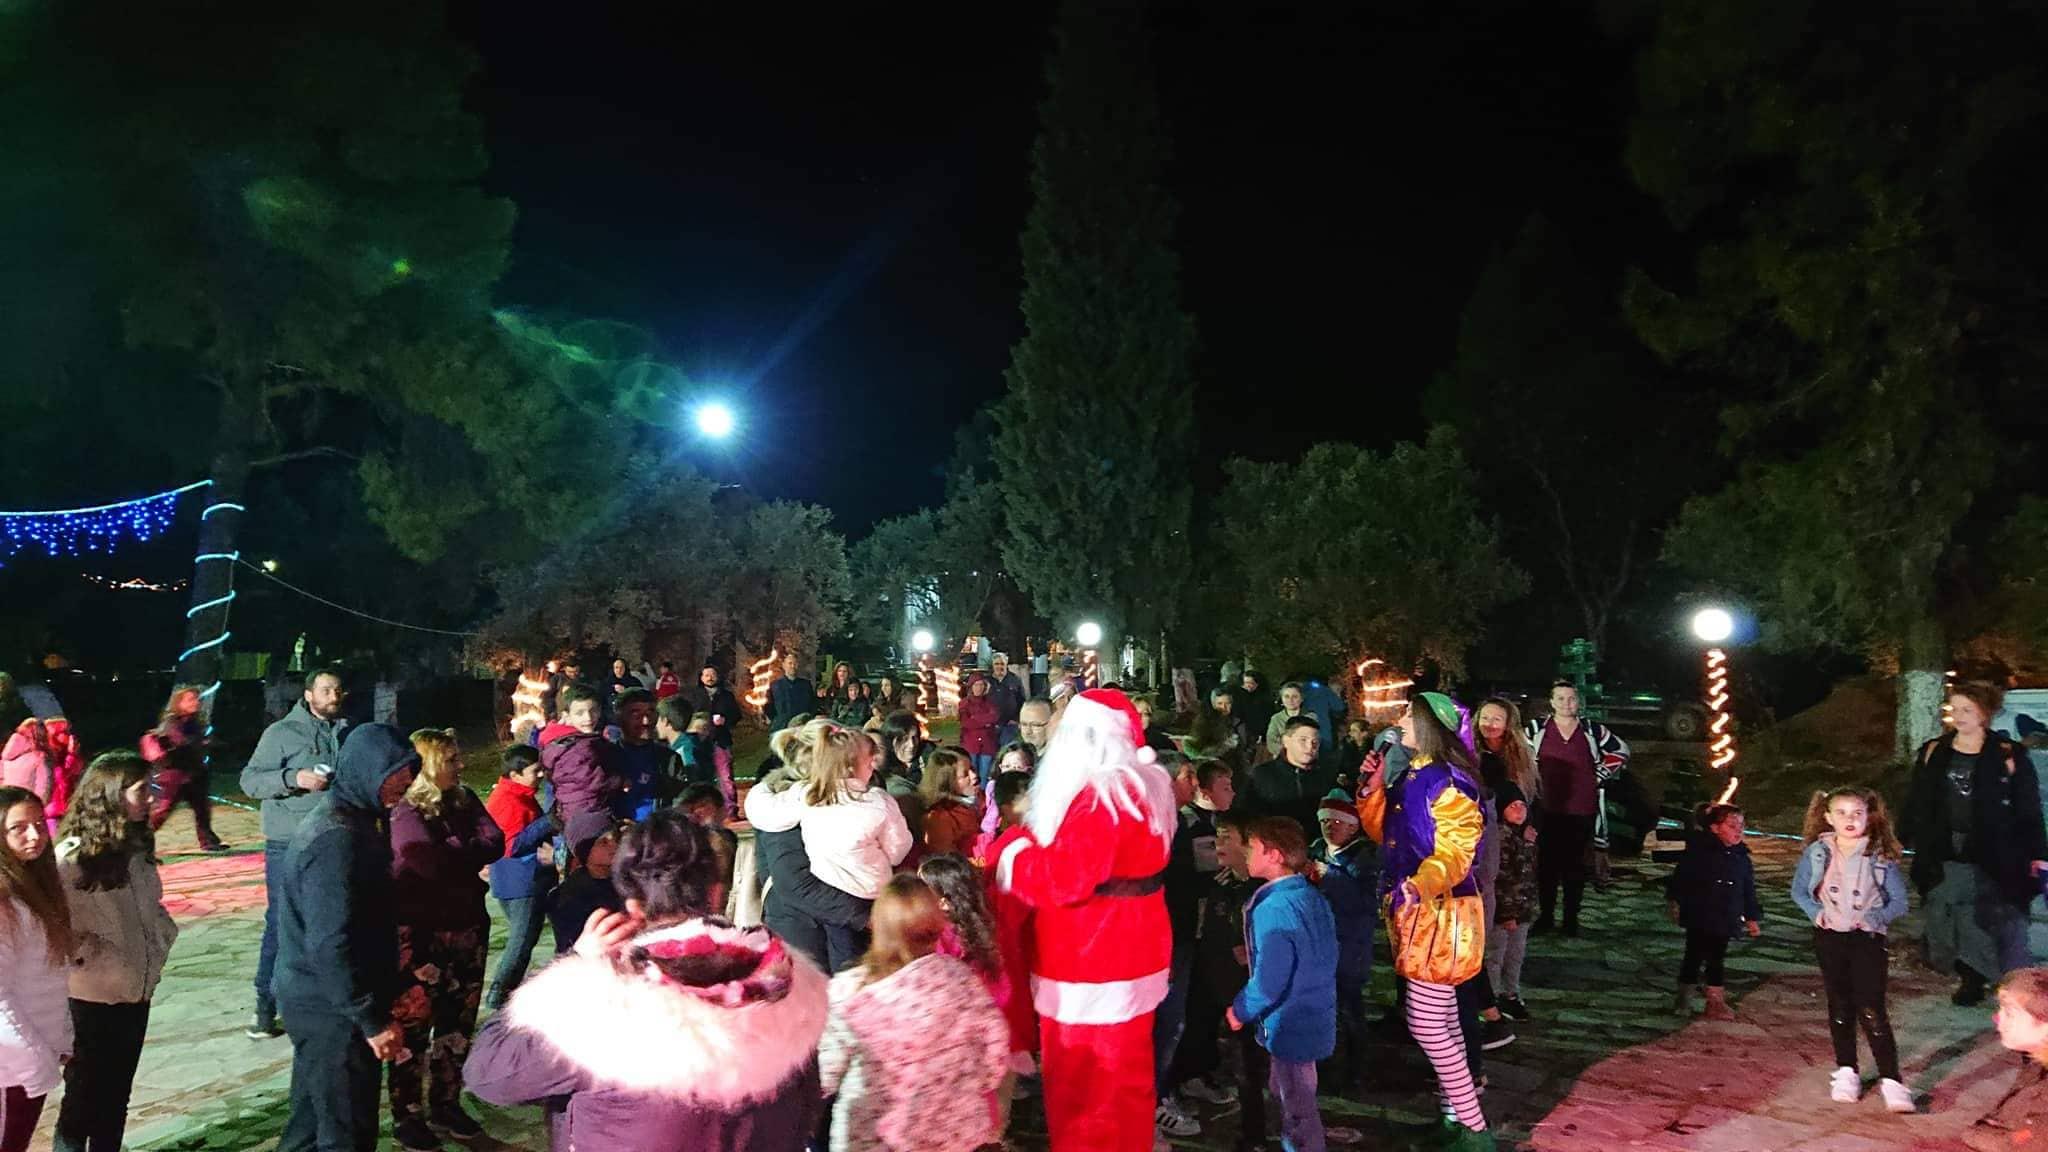 Πραγματοποιήθηκαν οι Χριστουγεννιάτικες εκδηλώσεις στην Τριάδα (φωτό) 73020297 1006066976424361 845021943471013888 n